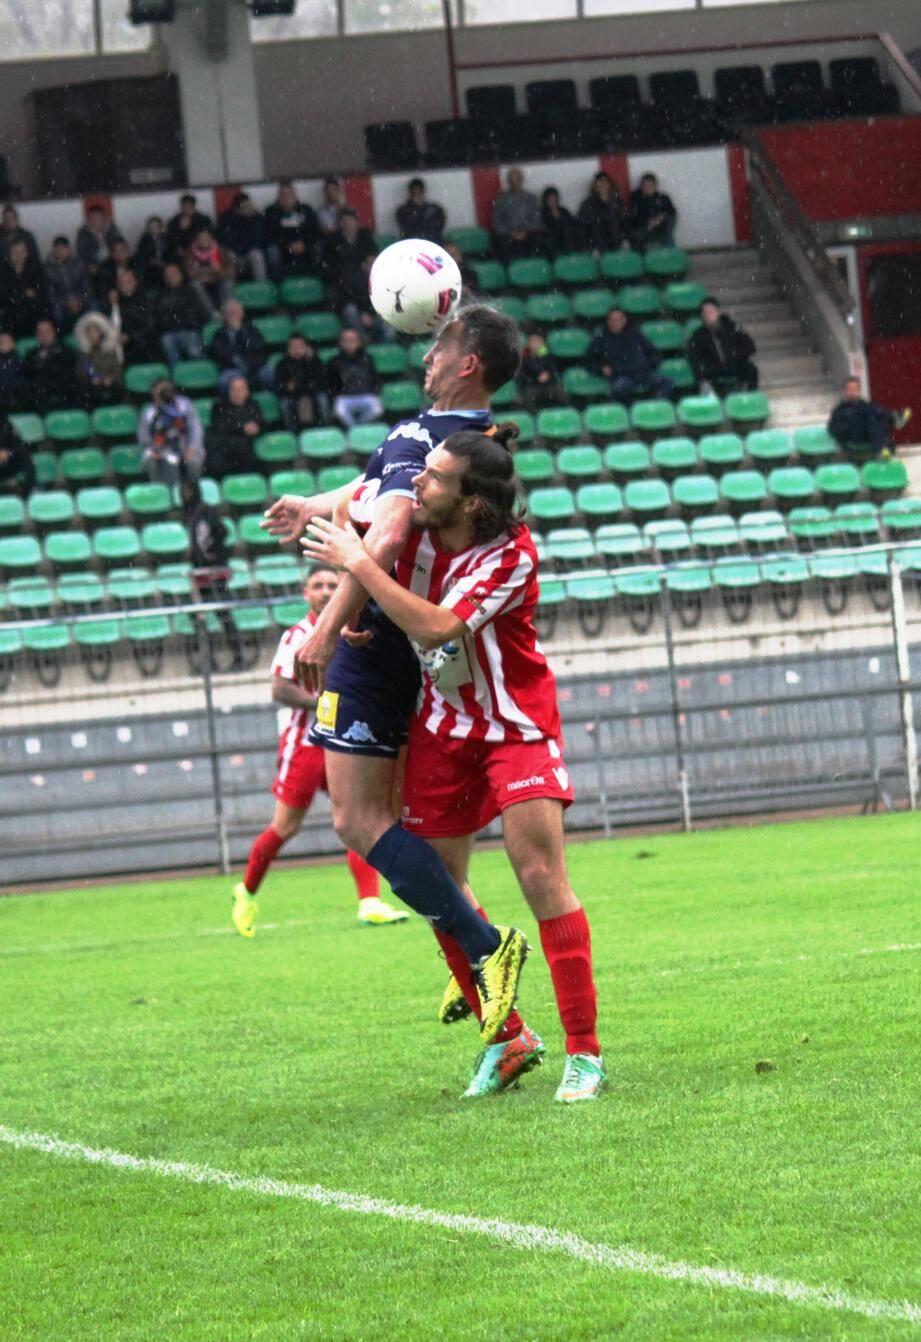 Croes et l'ASC (en rouge) ont fait plier le Sainte-Maxime de Fernandez dans les ultimes secondes de la partie.